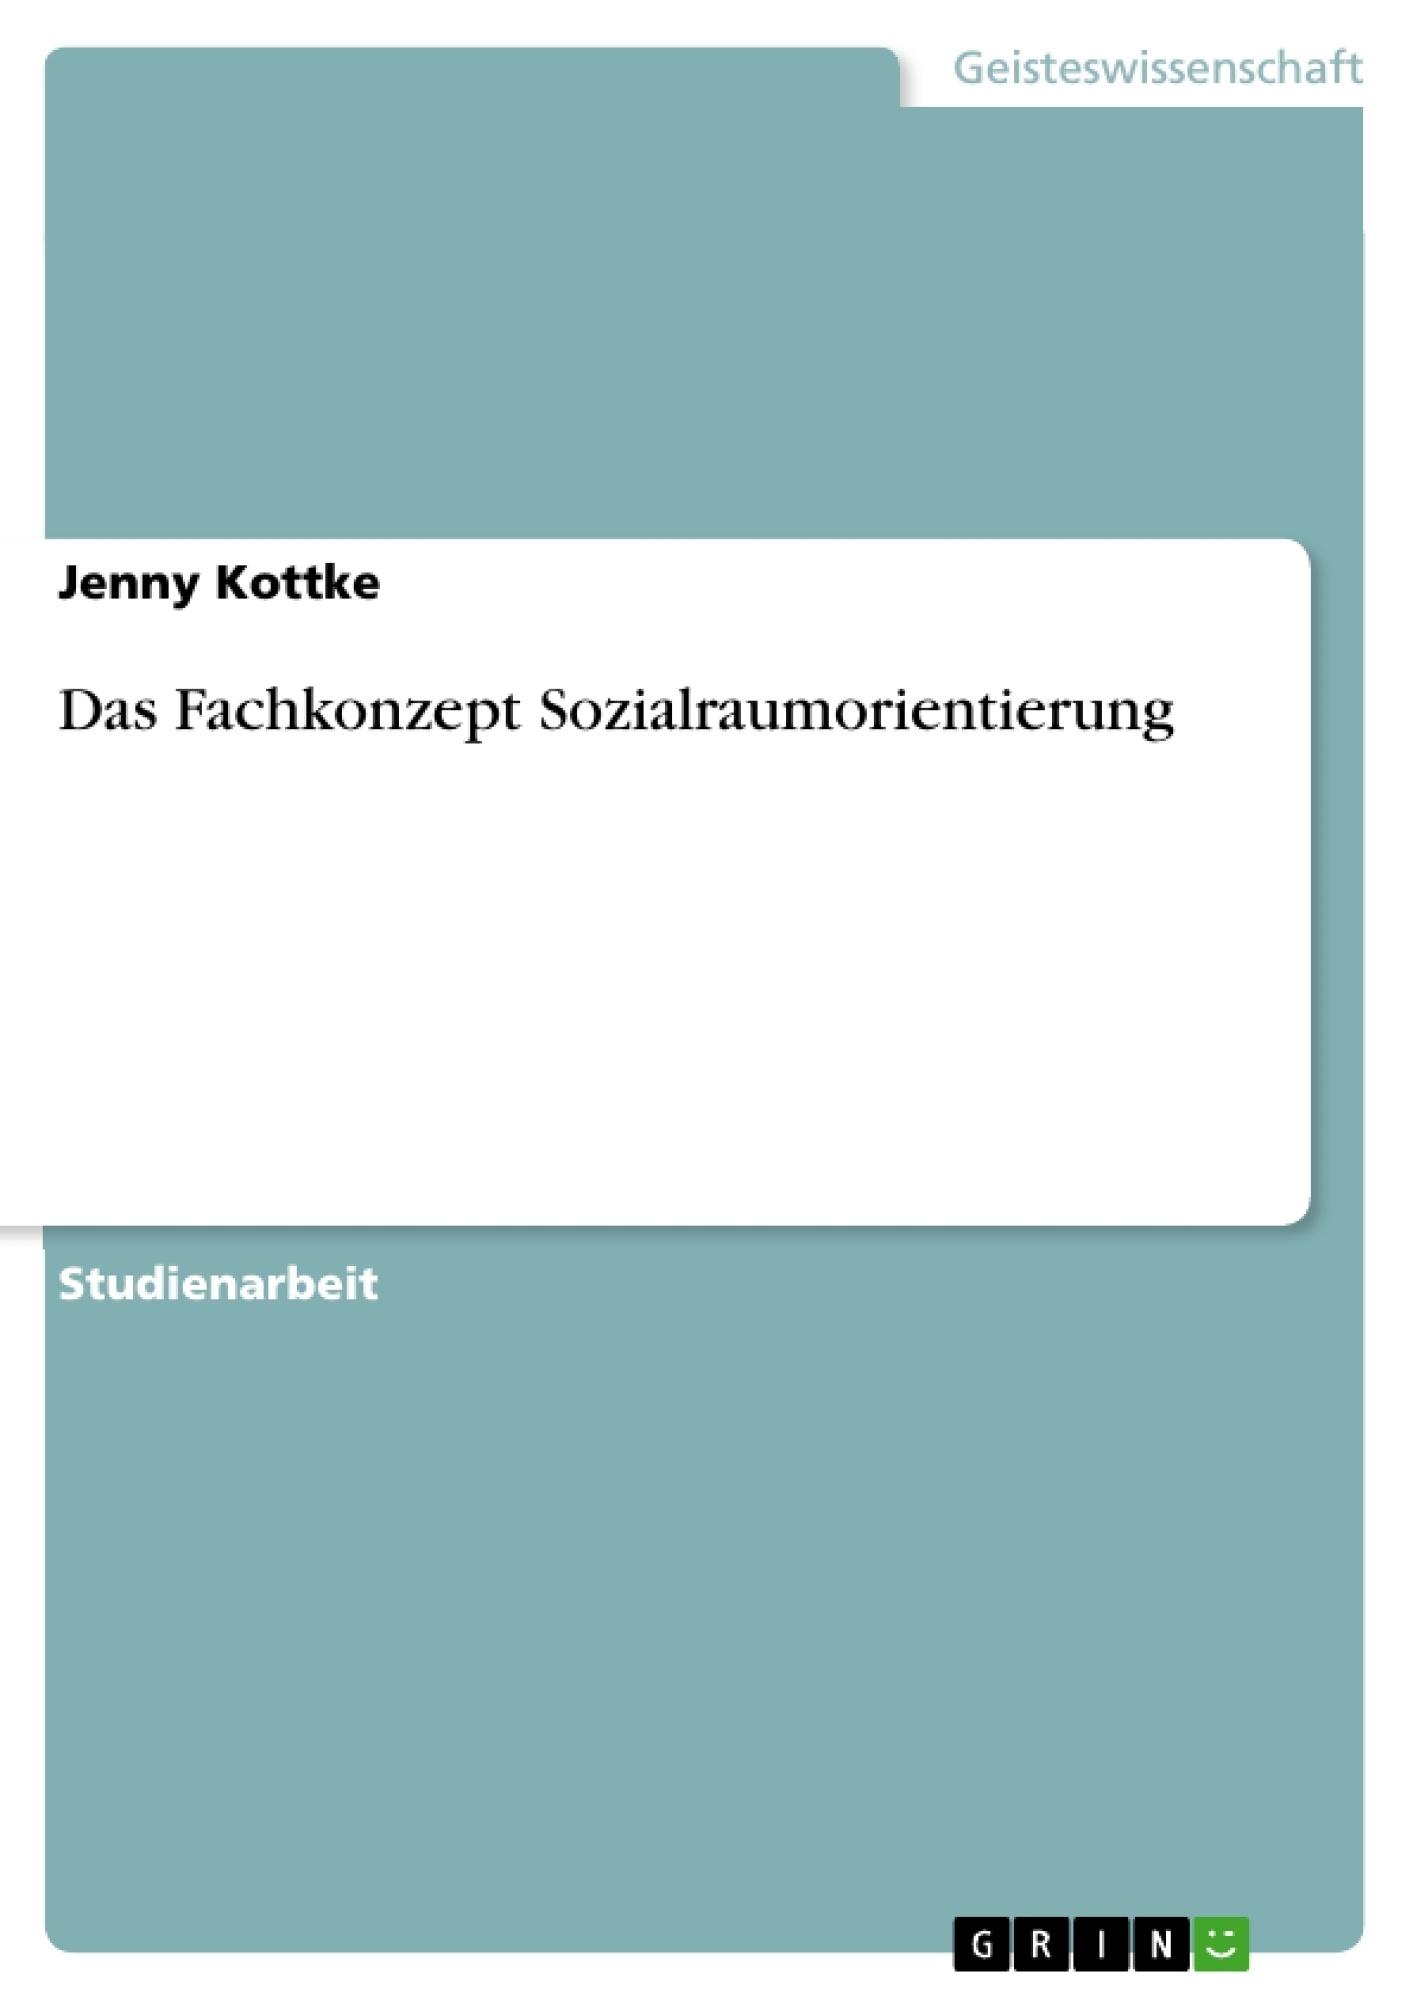 Titel: Das Fachkonzept Sozialraumorientierung